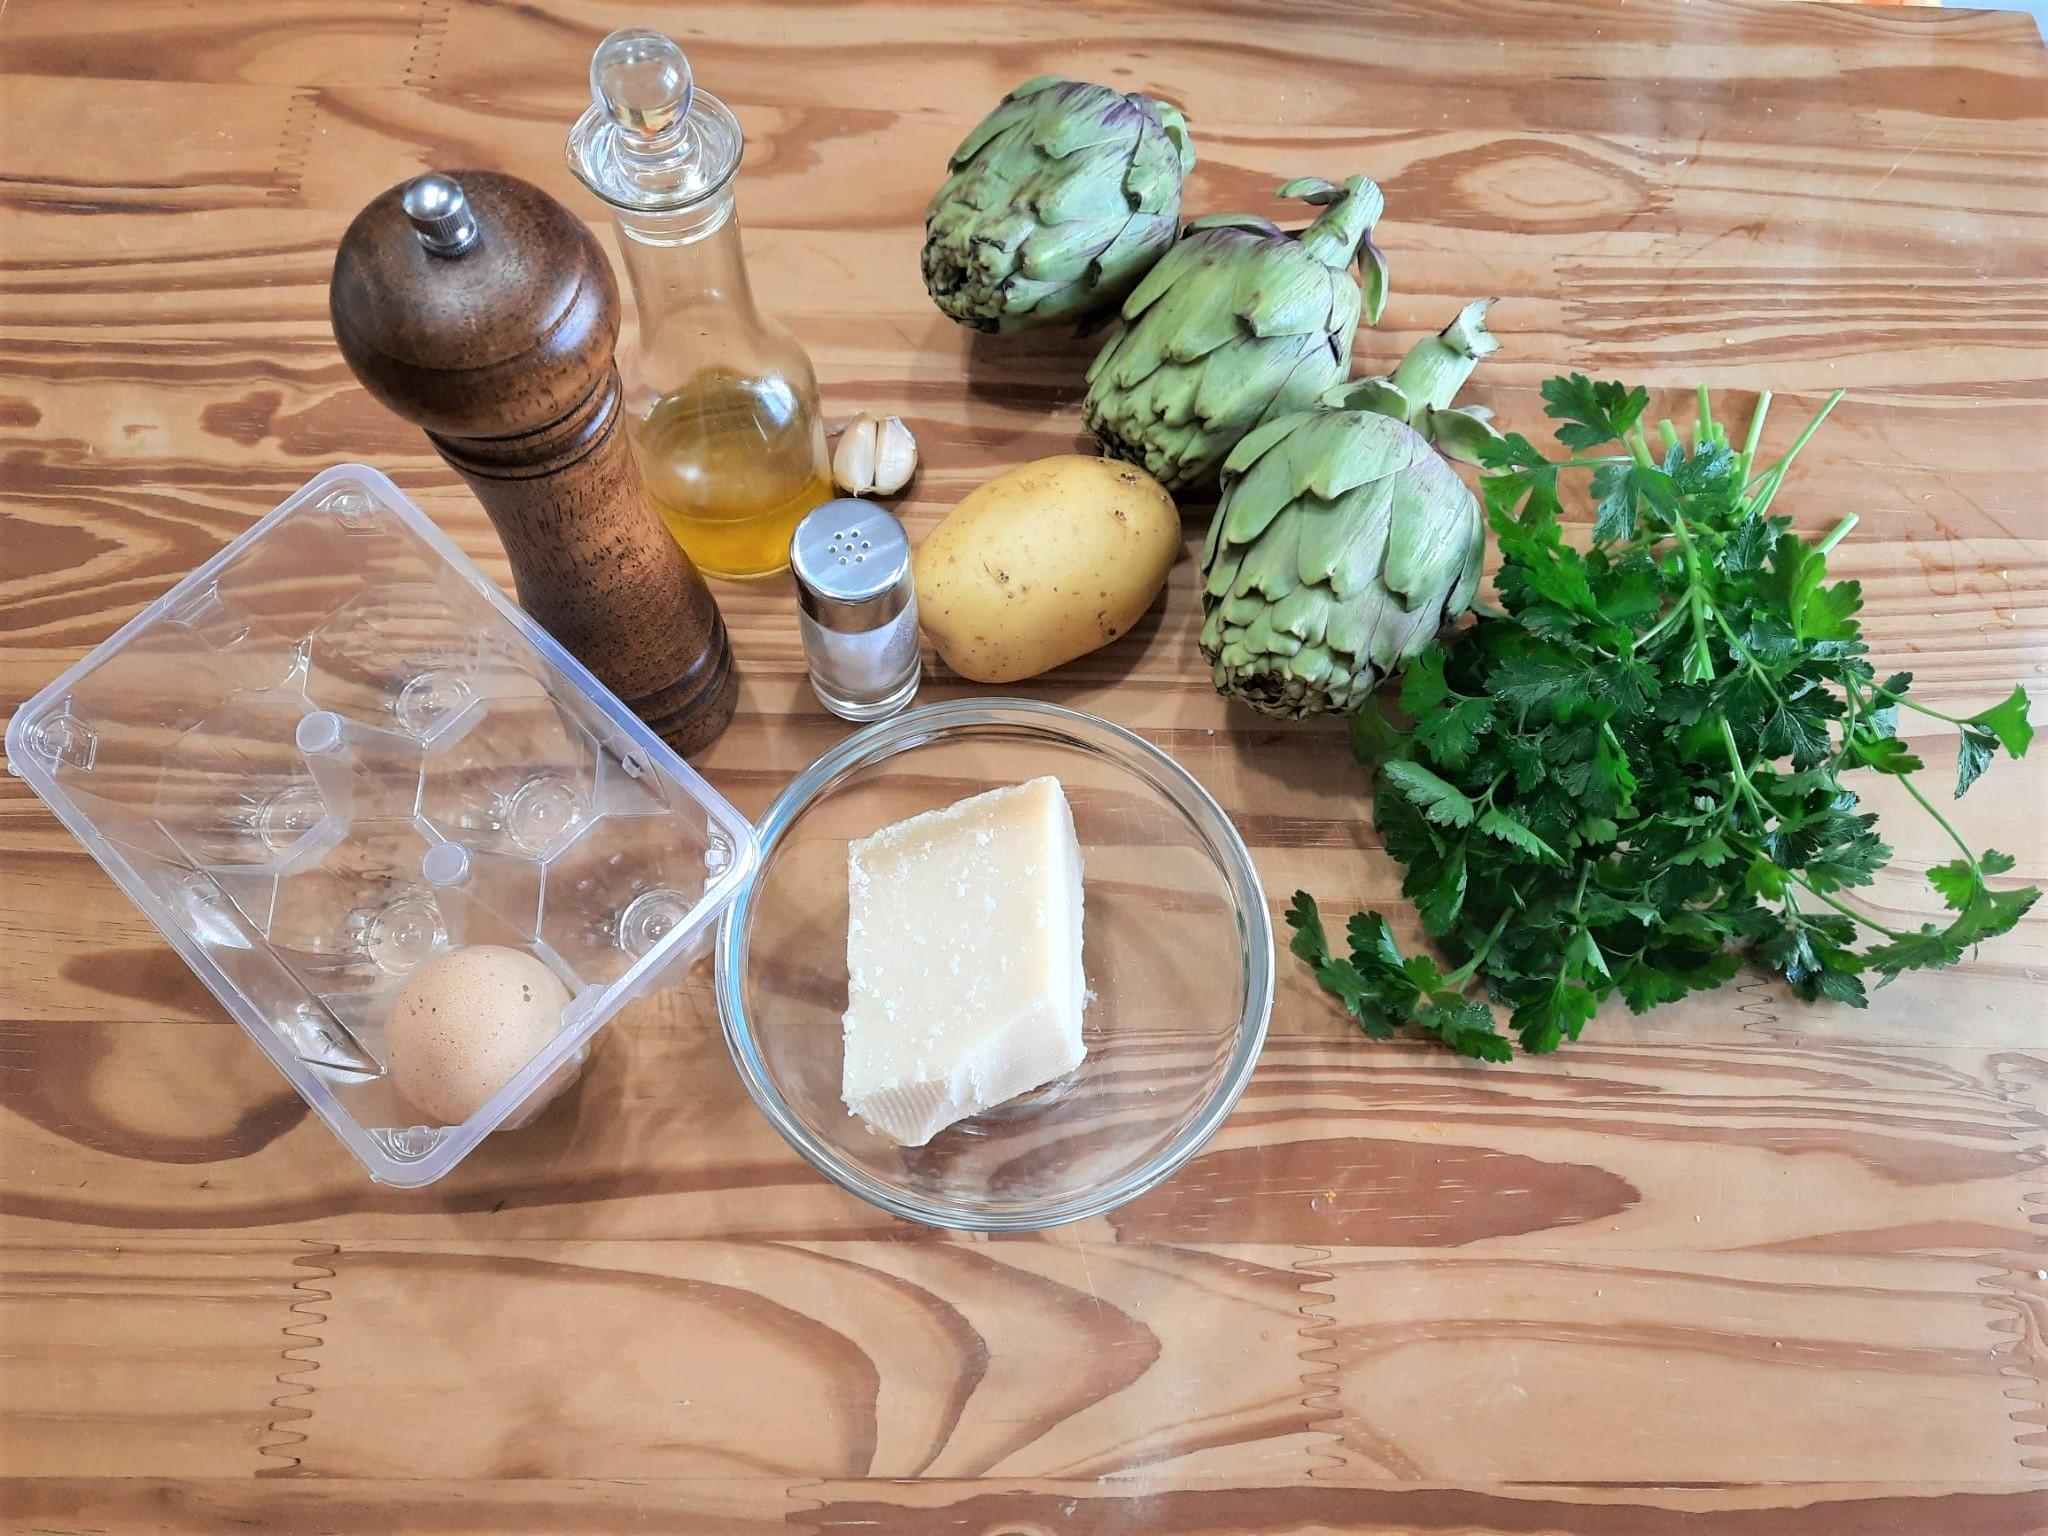 Gateau di carciofi e patate con prosciutto